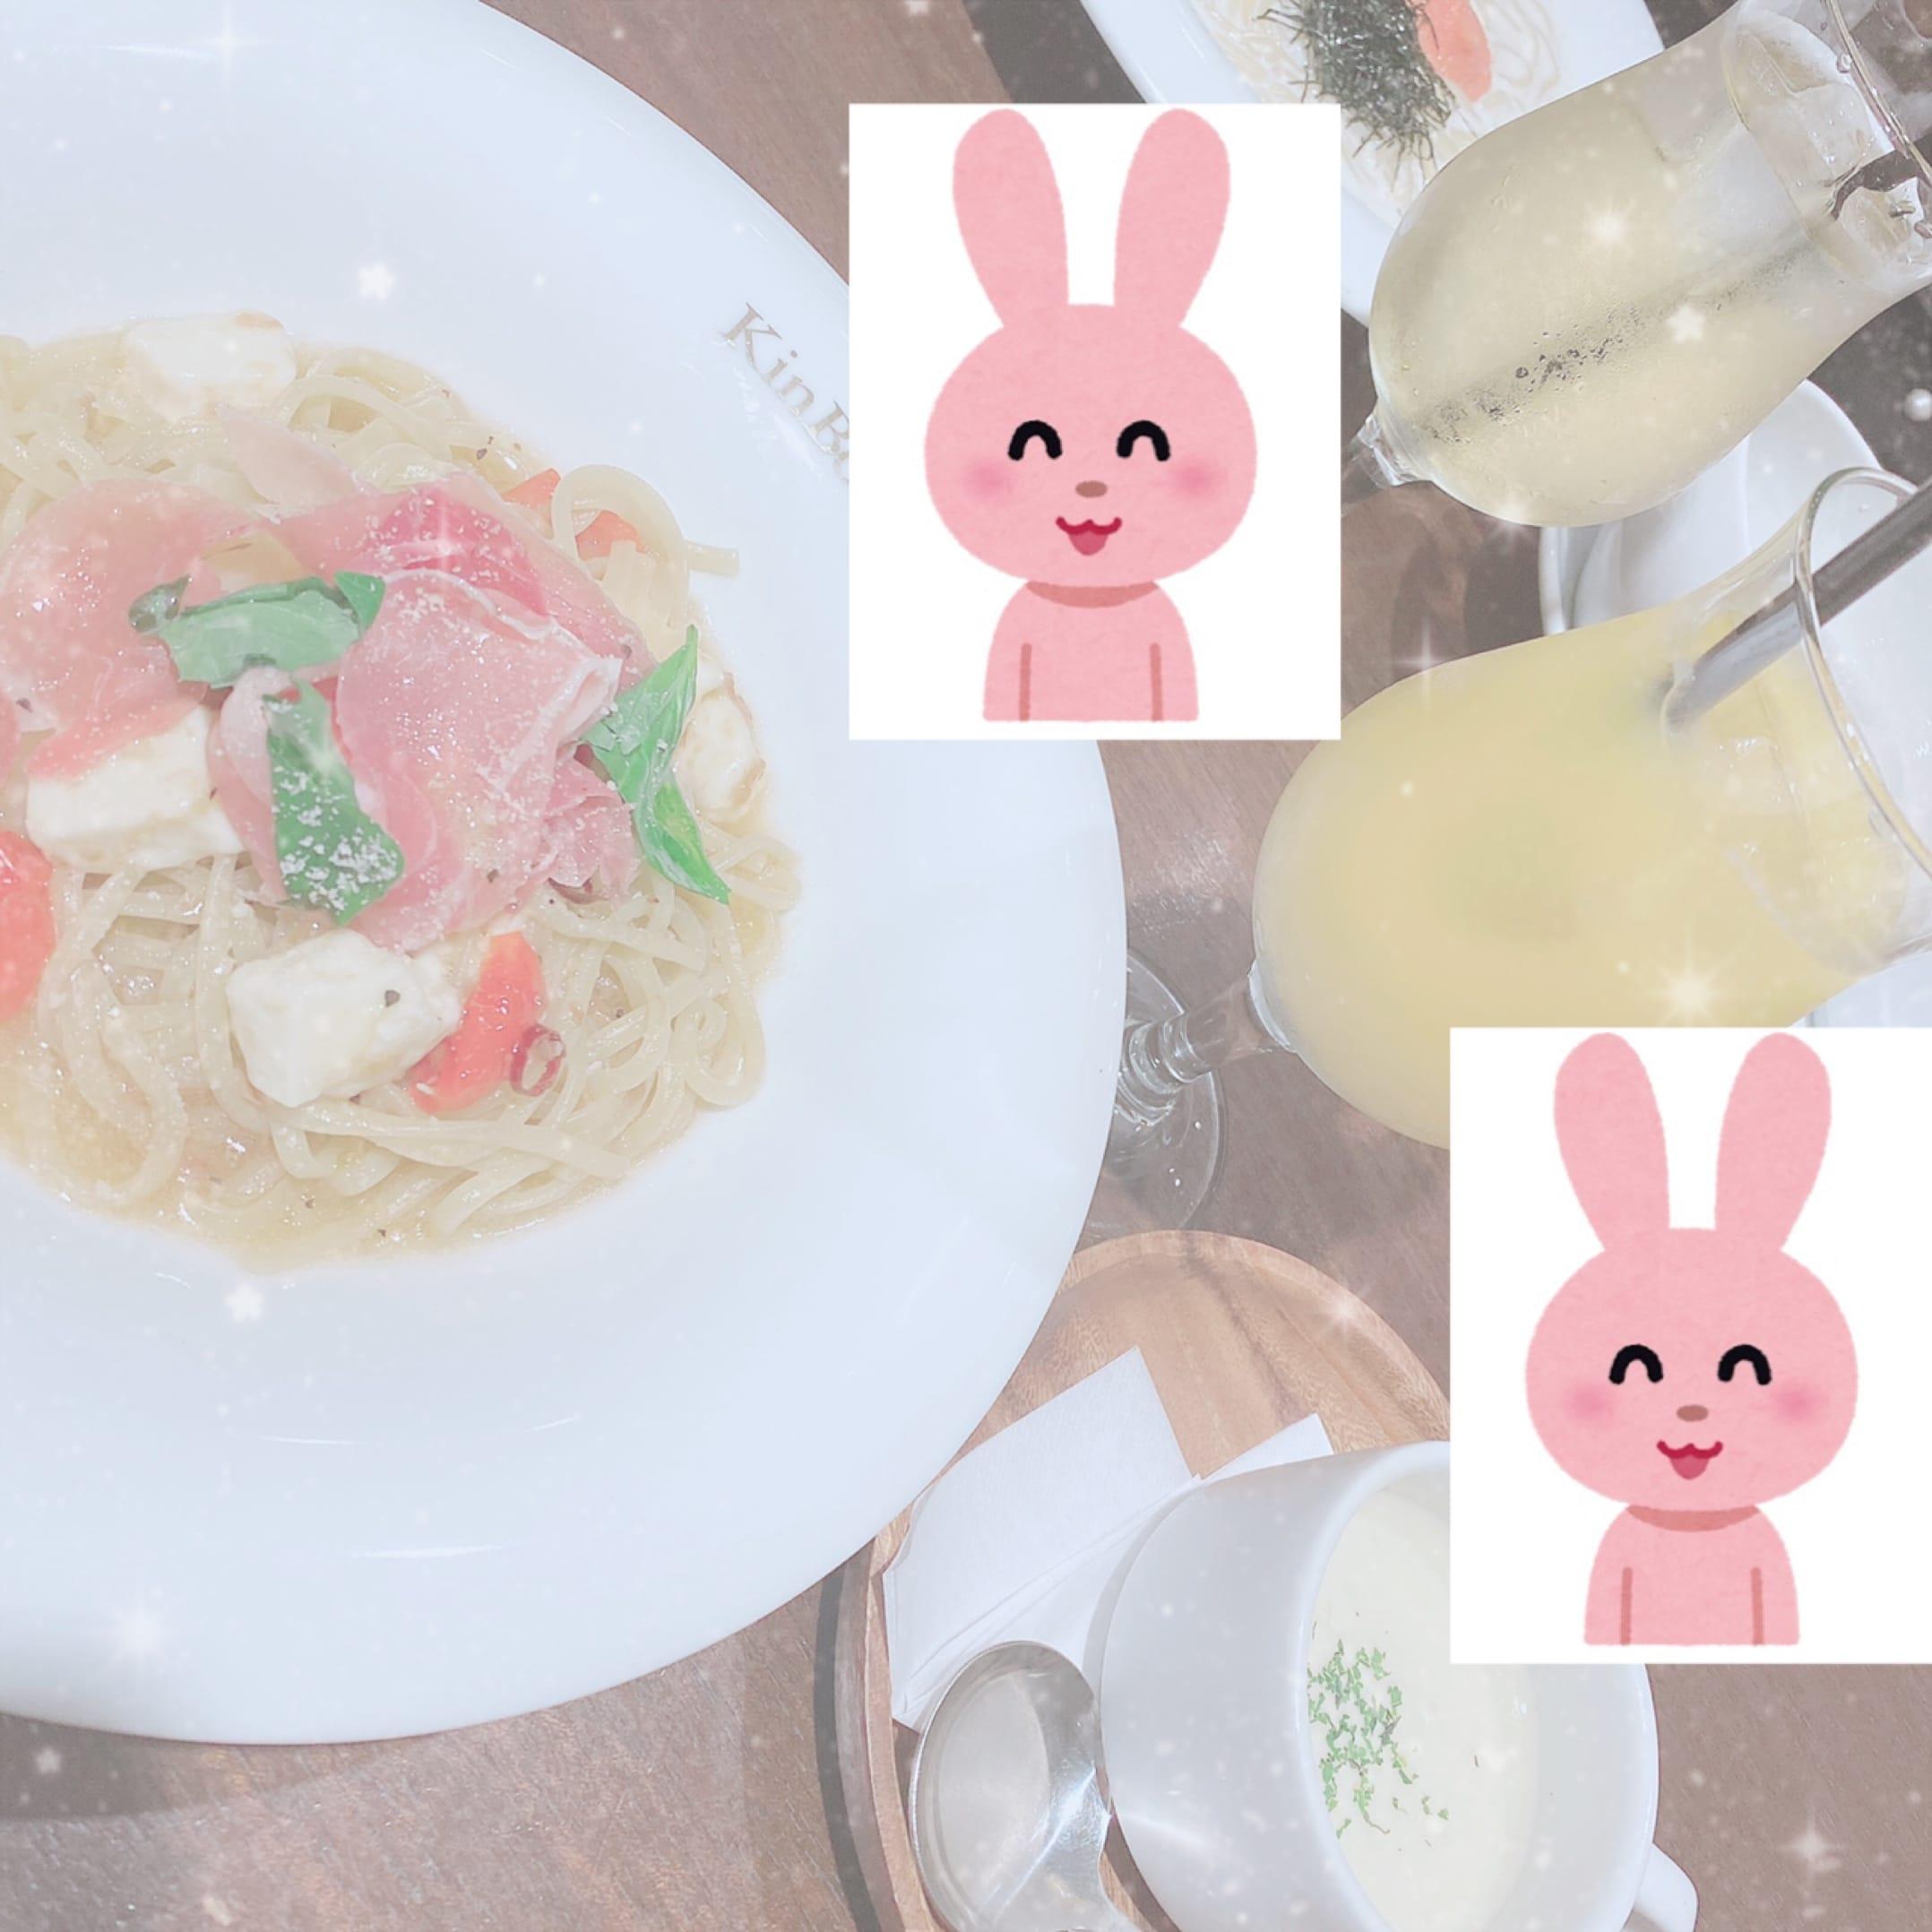 「✩゜*⸜(ू ◜࿁◝ )」07/05日(日) 15:32 | さしみの写メ・風俗動画